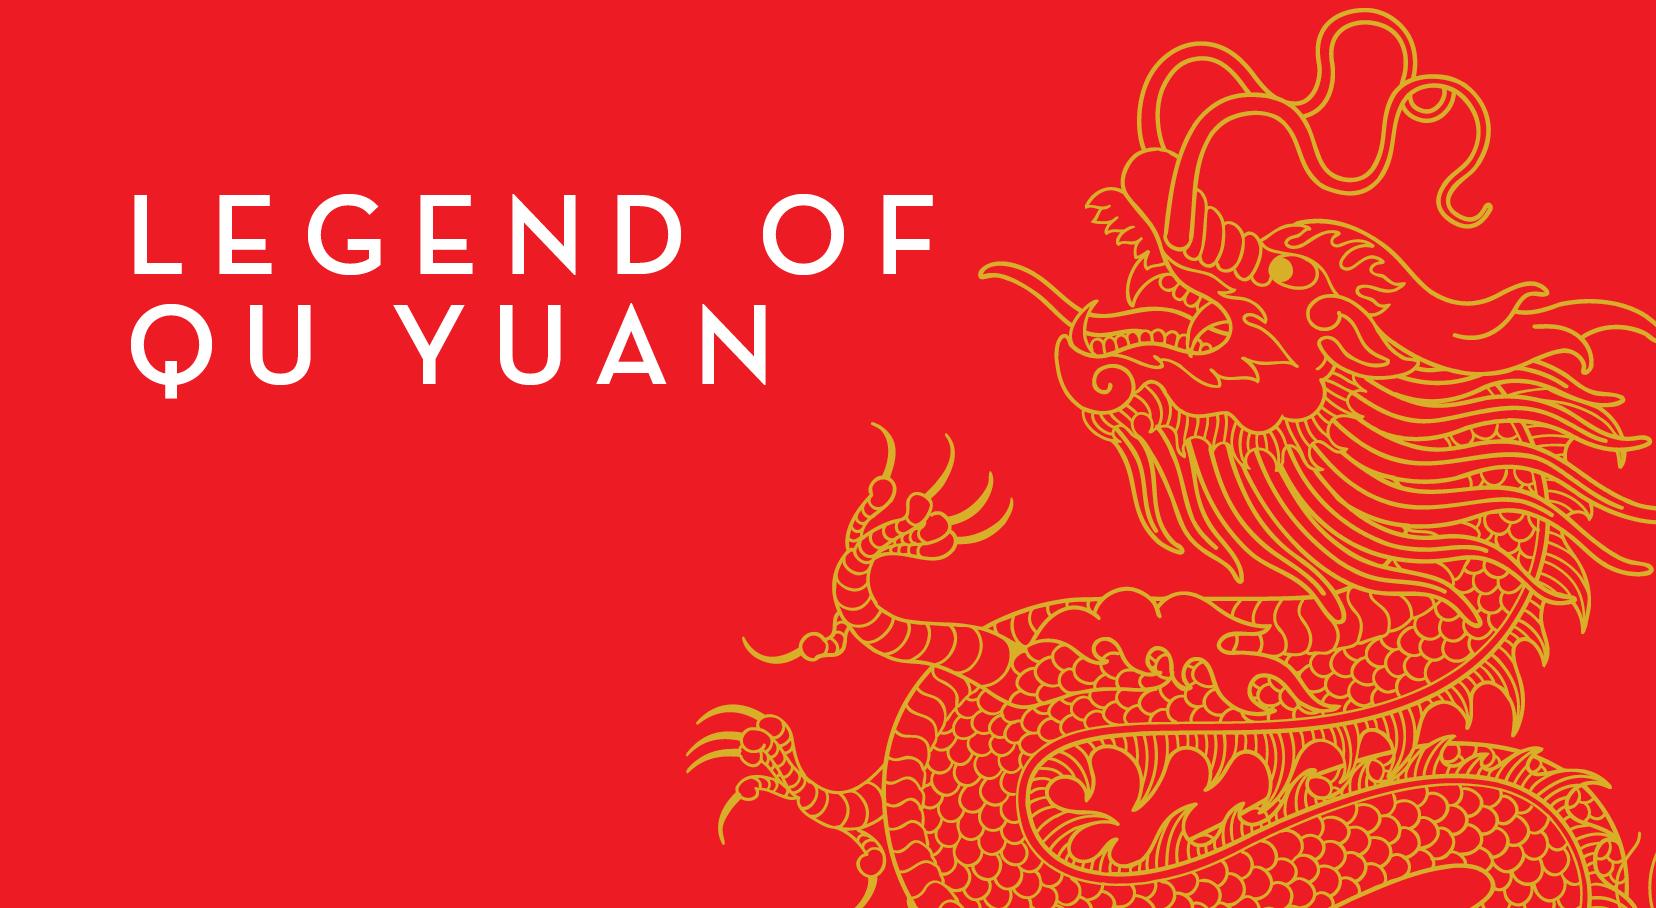 Dunedin Chinese Garden -  Legend of Qu Yuan